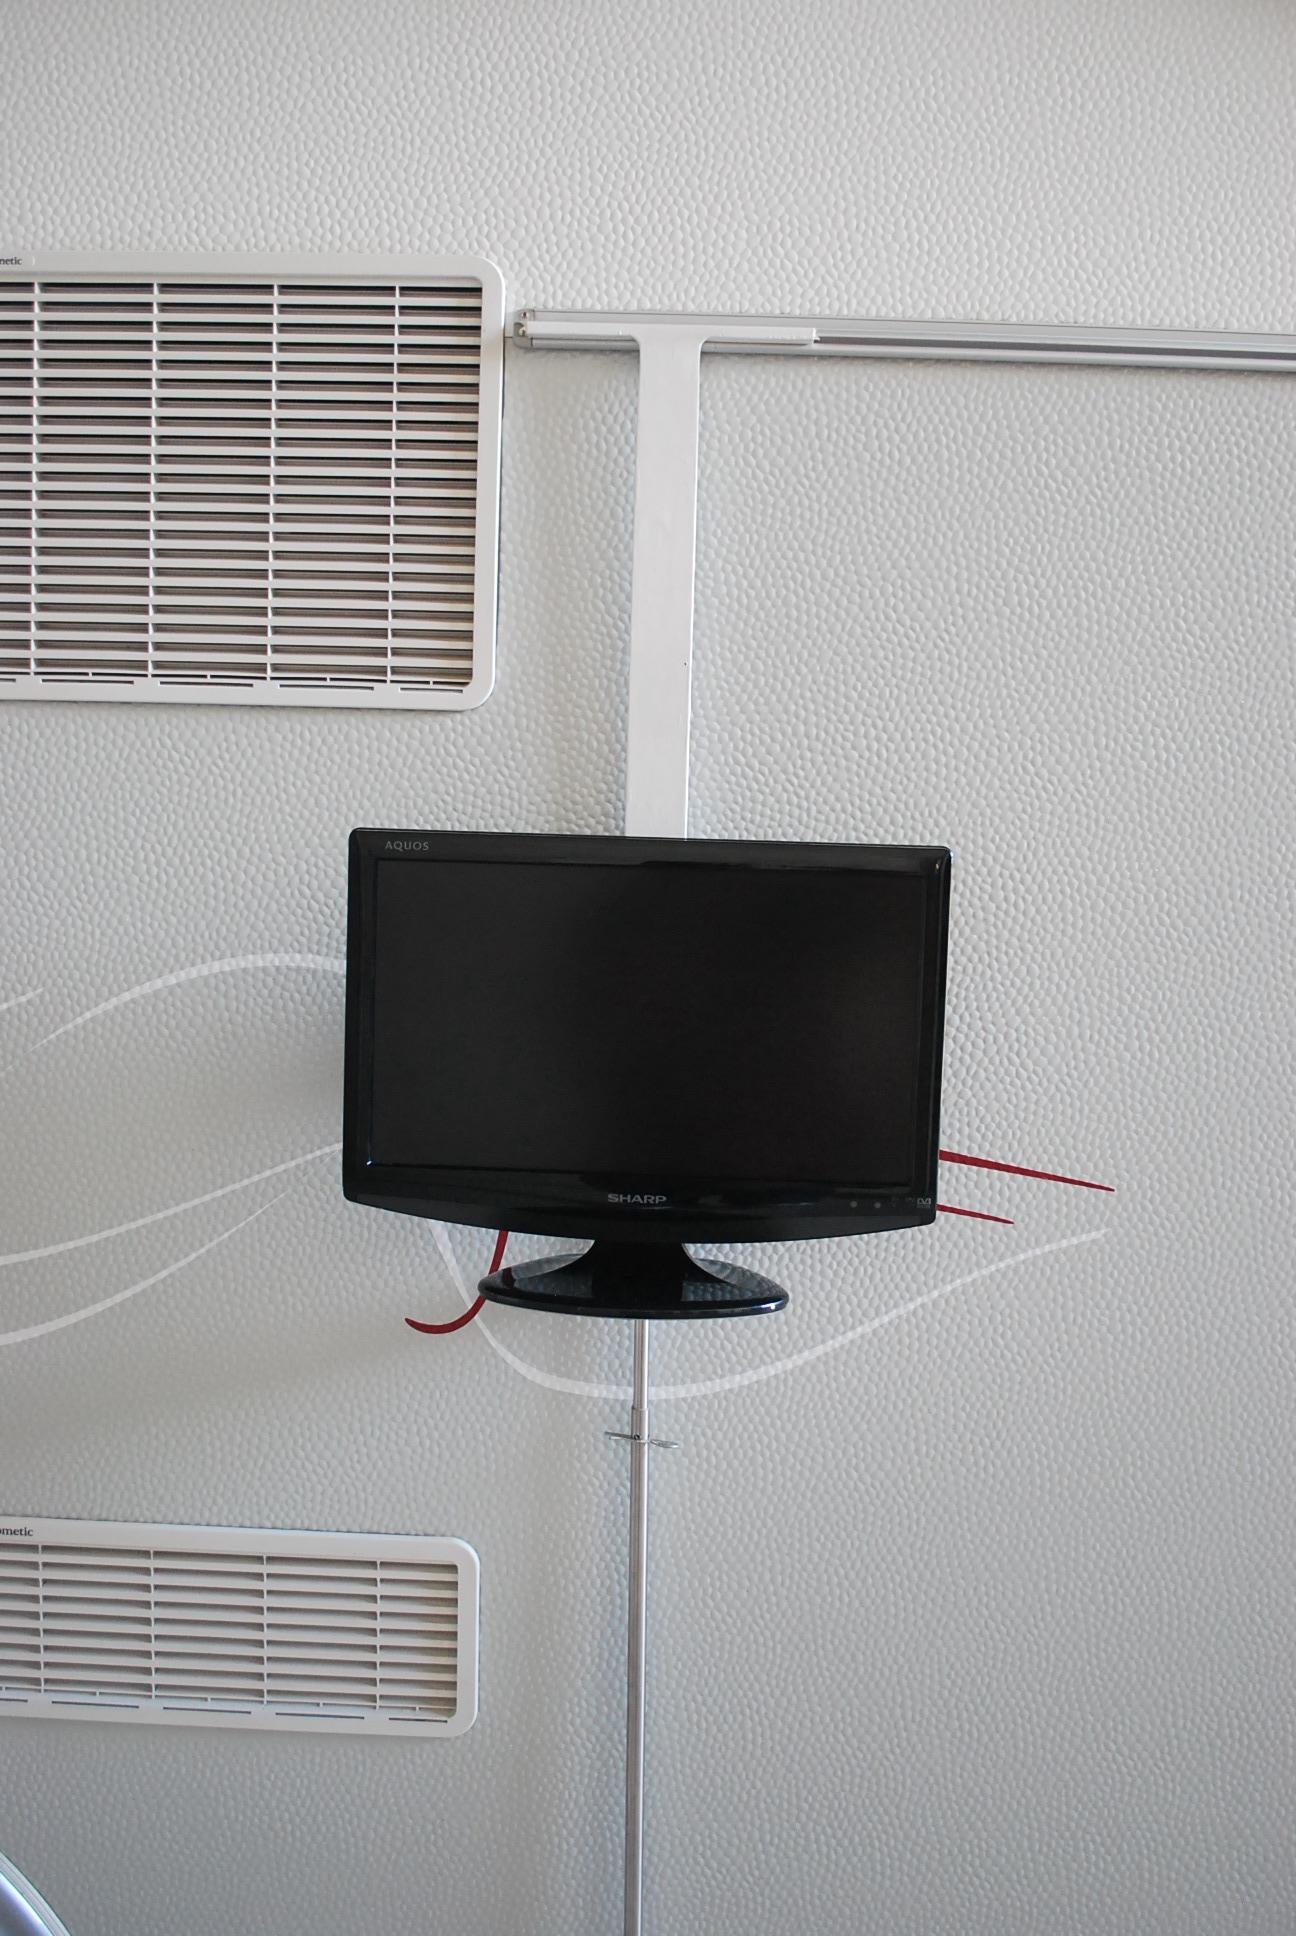 Soporte para tv plana en el exterior de la cv for Soporte para tele